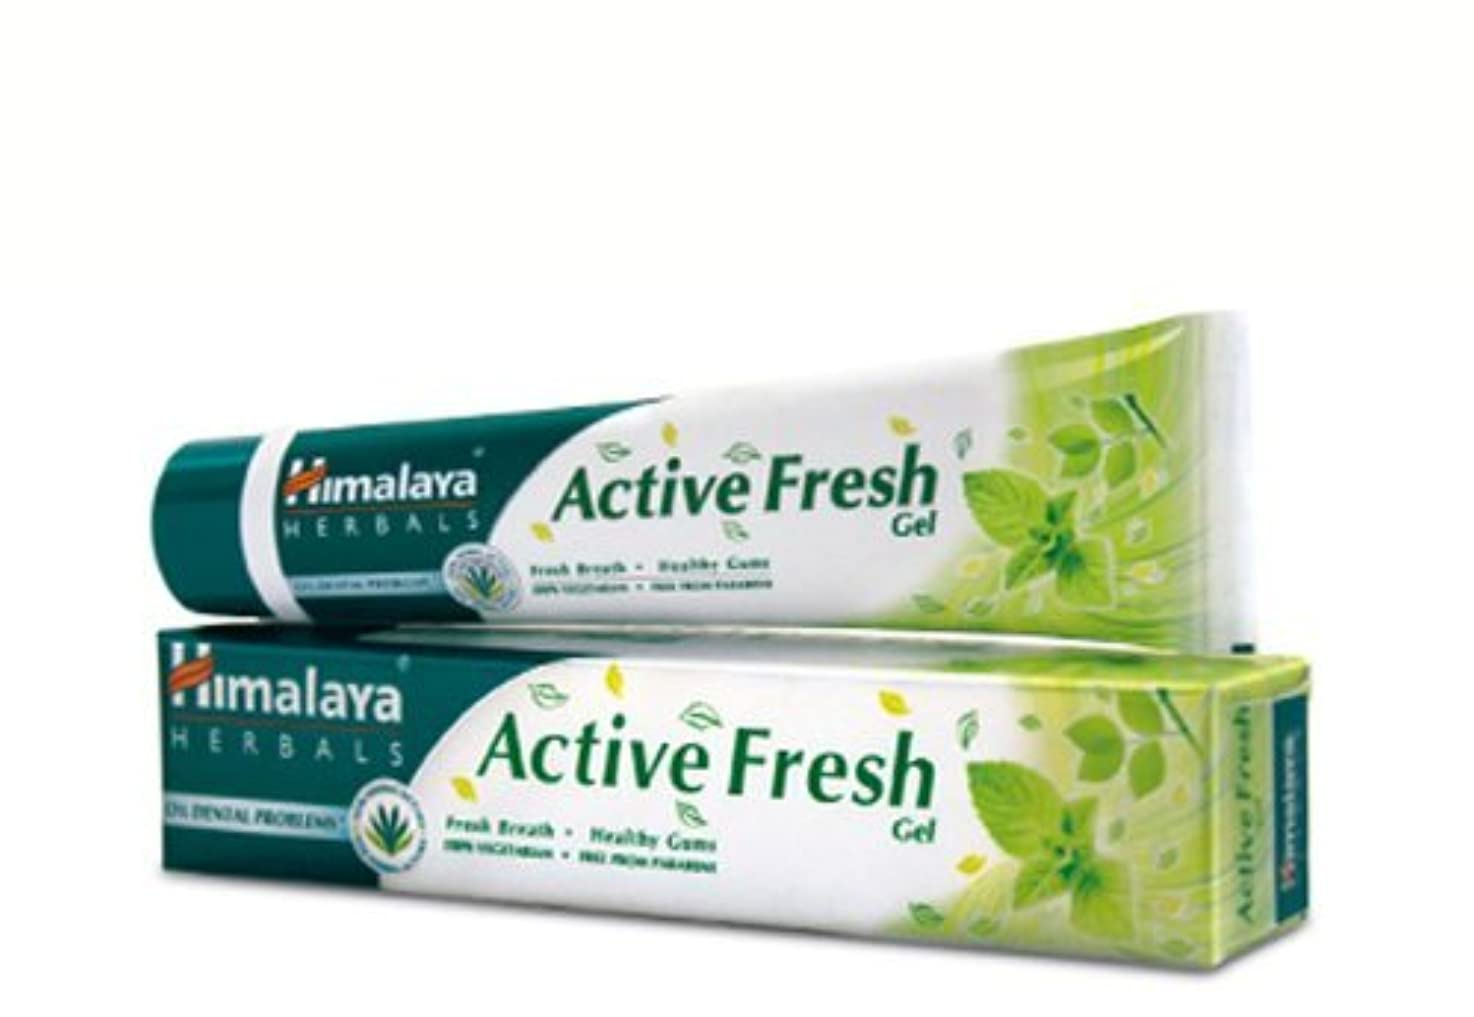 降下袋瞑想的ヒマラヤ トゥースペイスト アクティブ フレッシュ(歯磨き粉)80g Himalaya Active Fresh Toothpaste